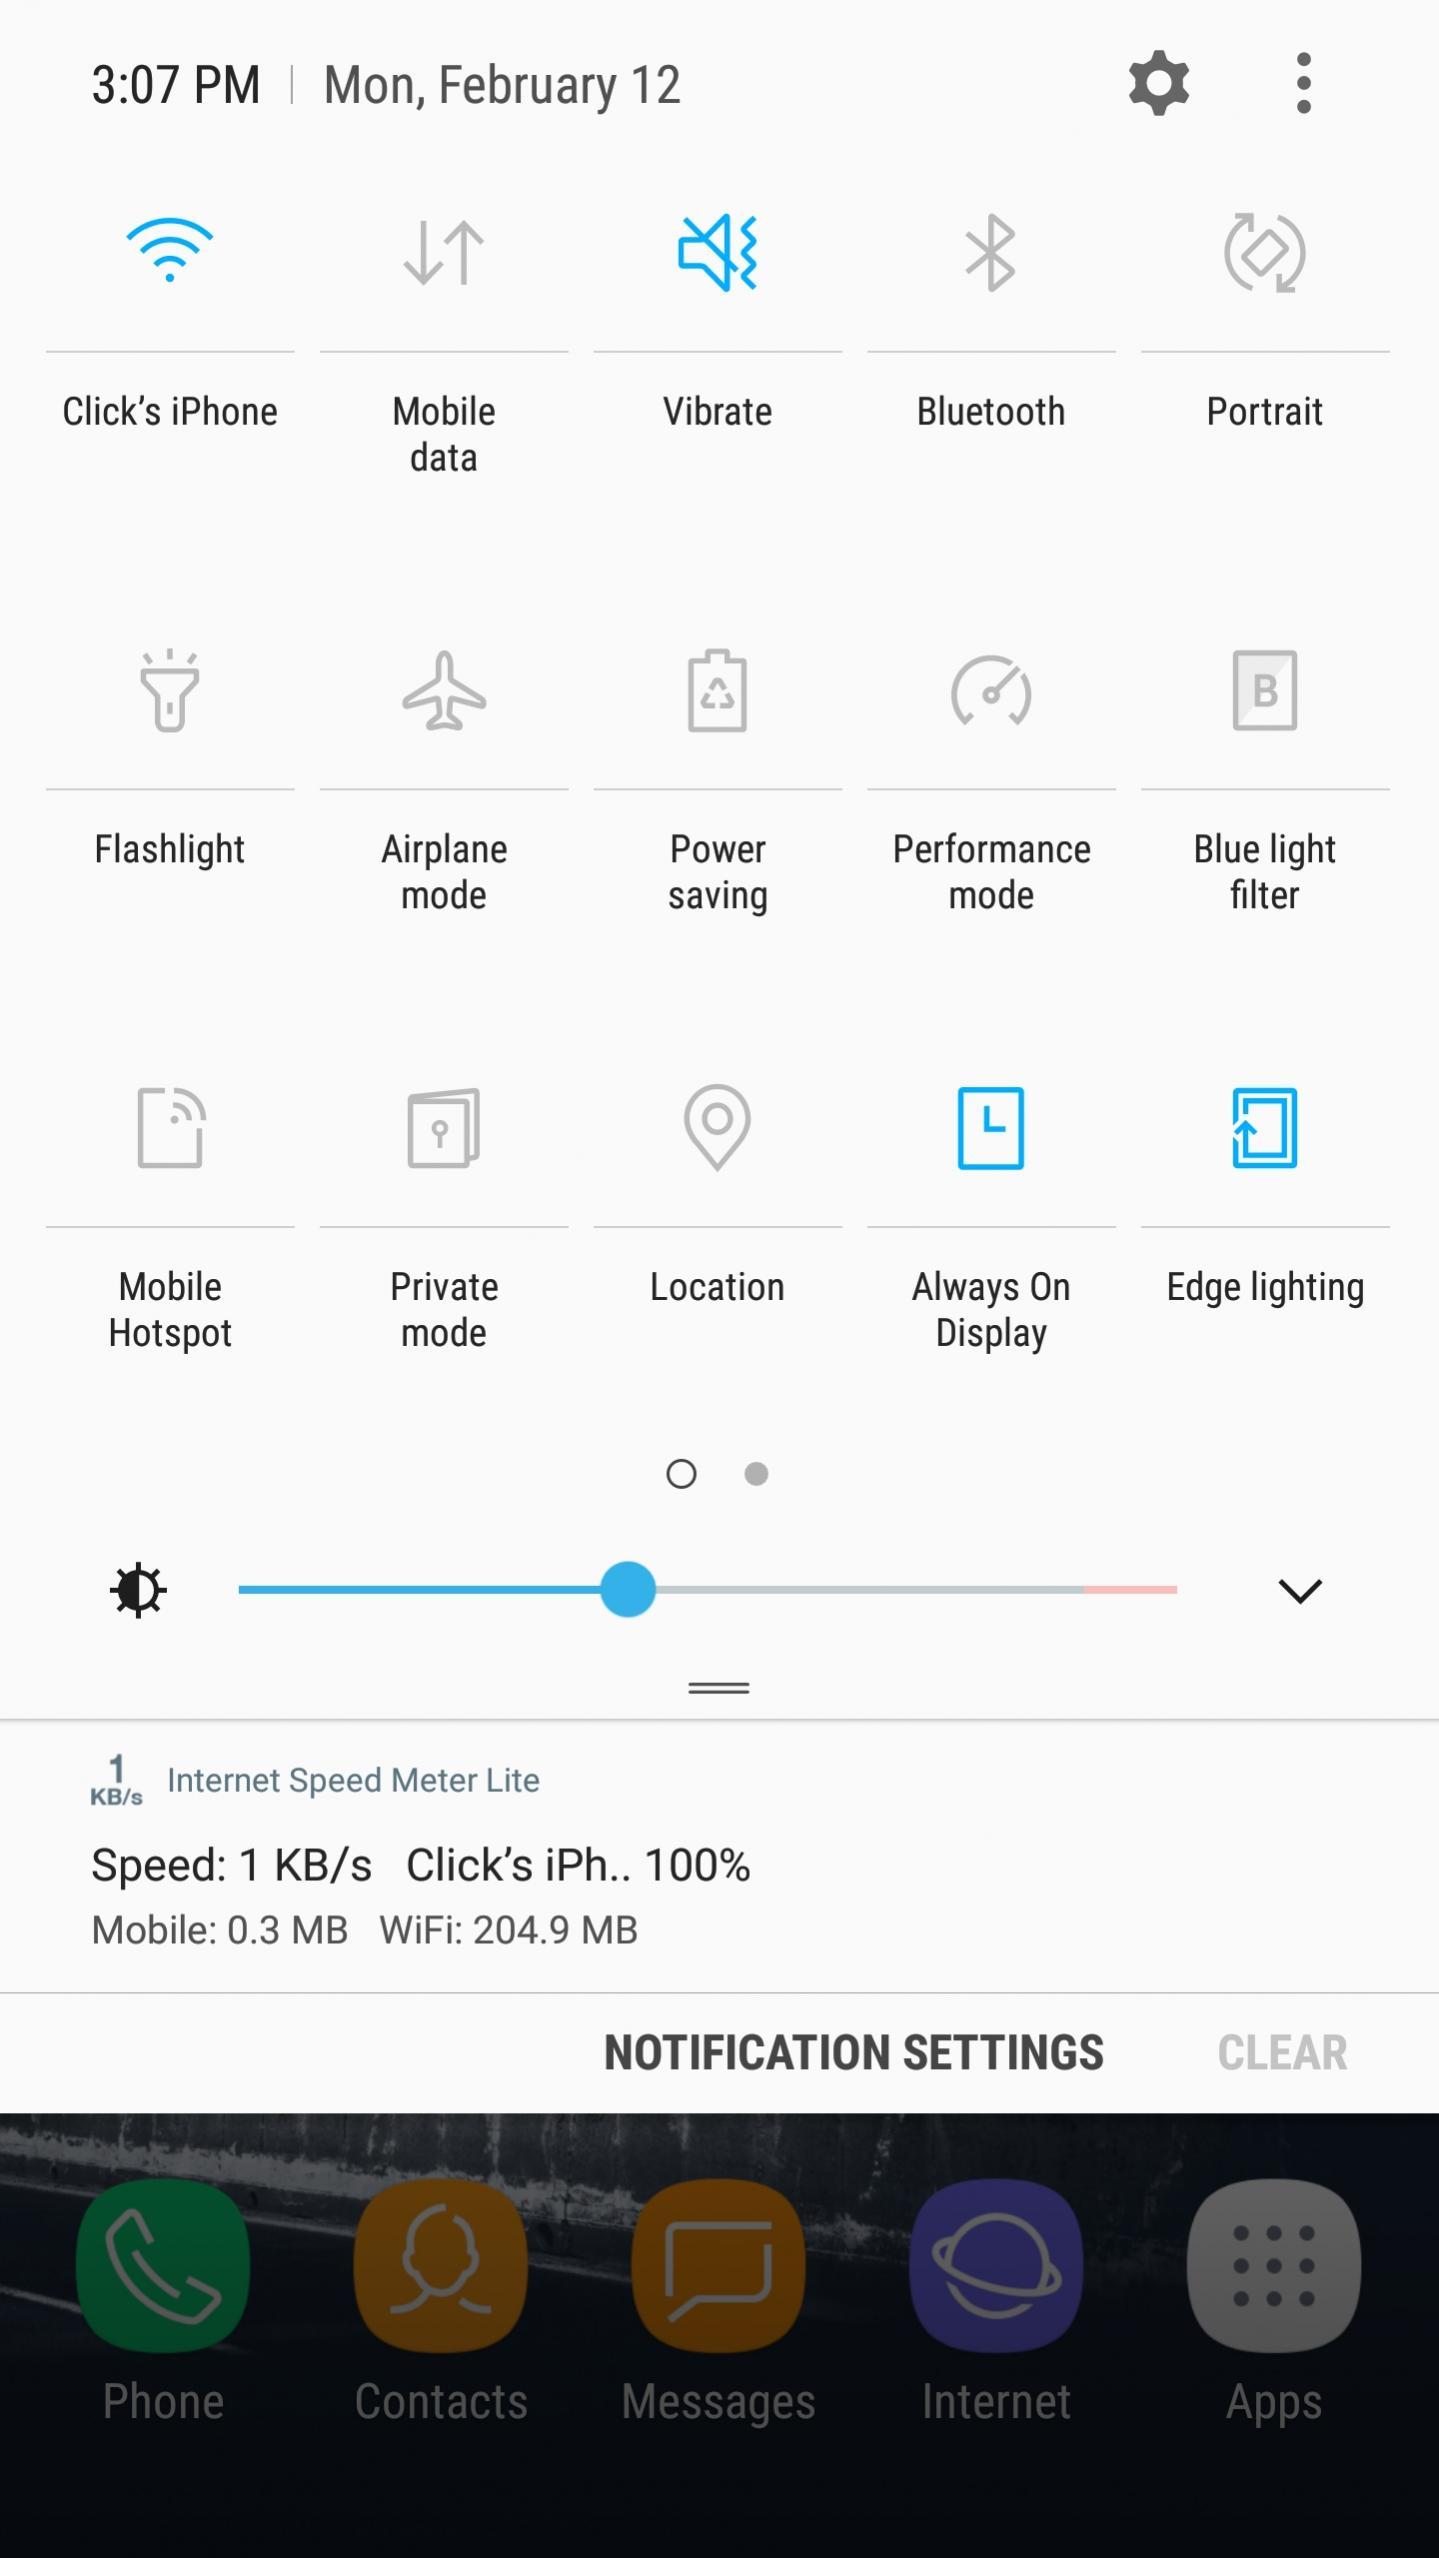 تثبيت روم Experience 9.0 بنظام Android 8.0 على هاتف Galaxy S7 Edge 11